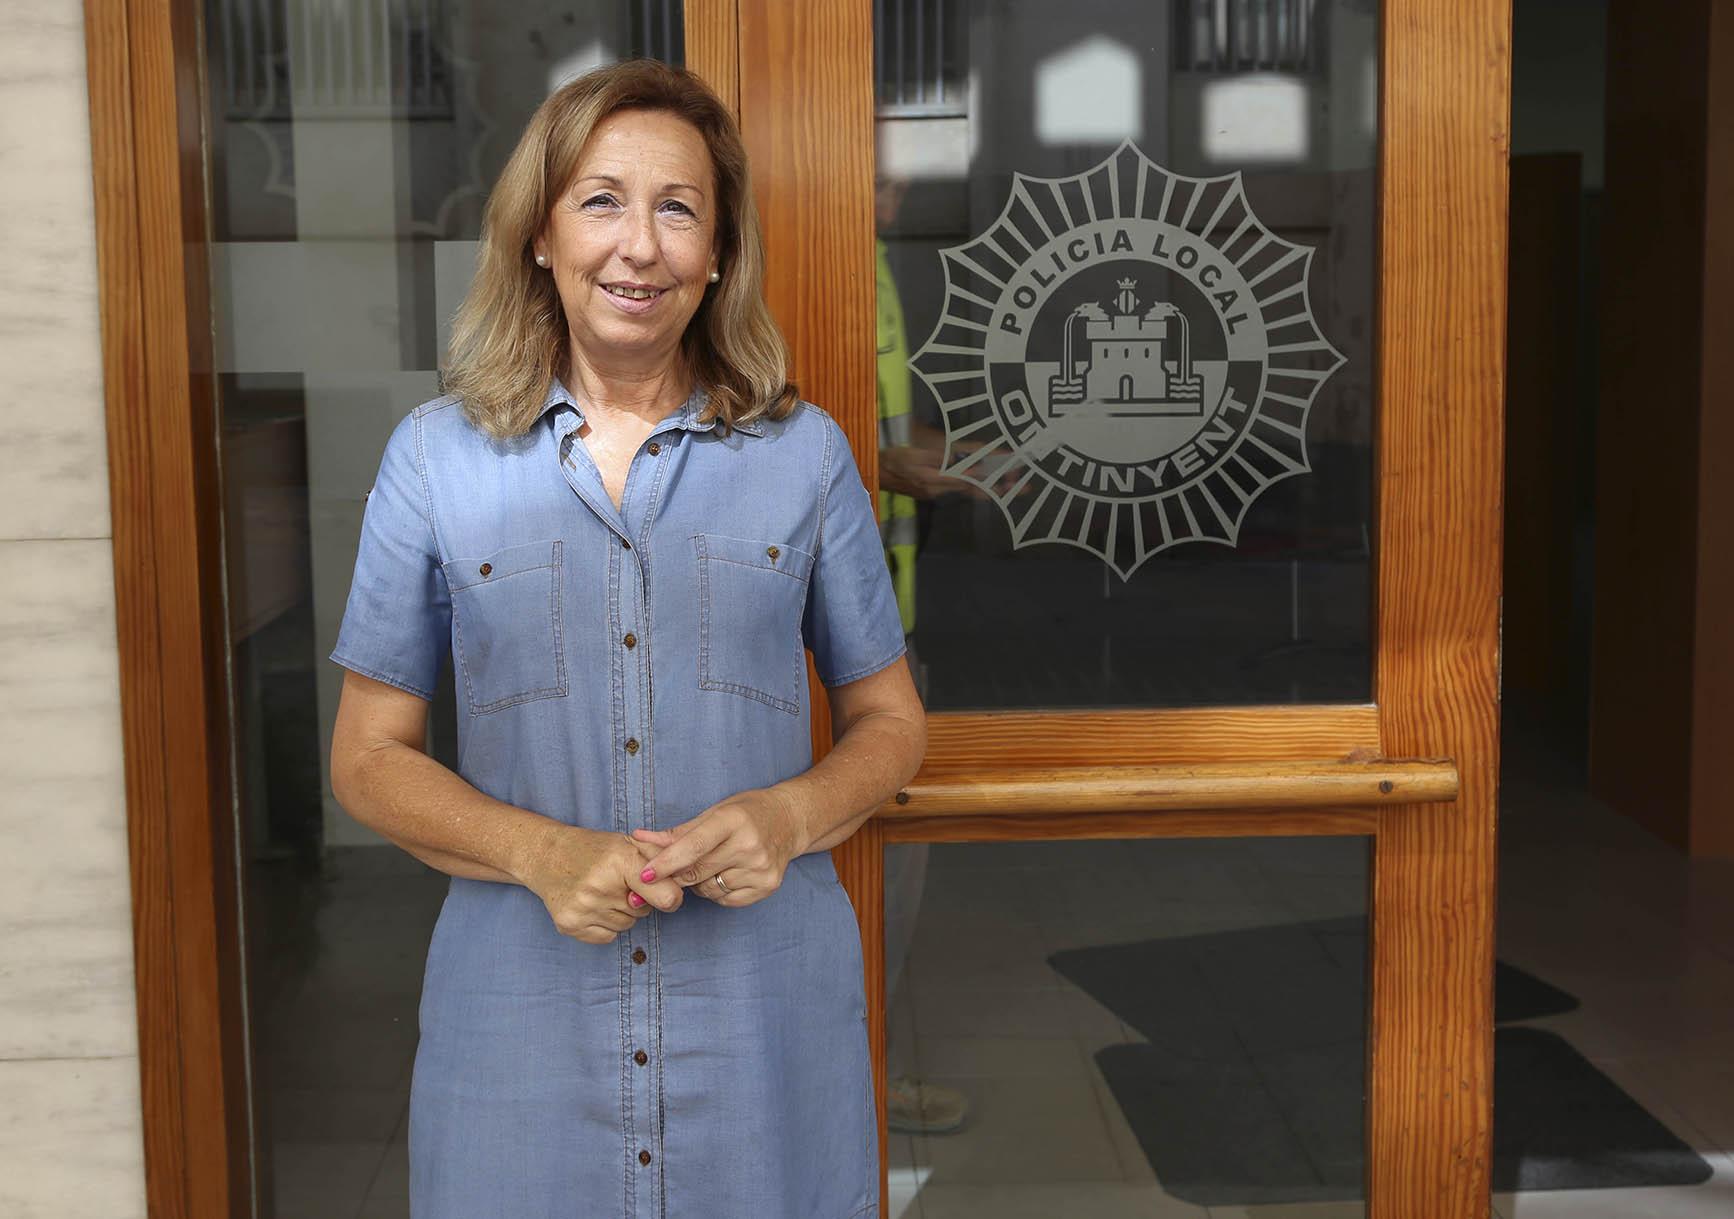 La regidora Tudi Guillem presenta la seua dimissió El Periòdic d'Ontinyent